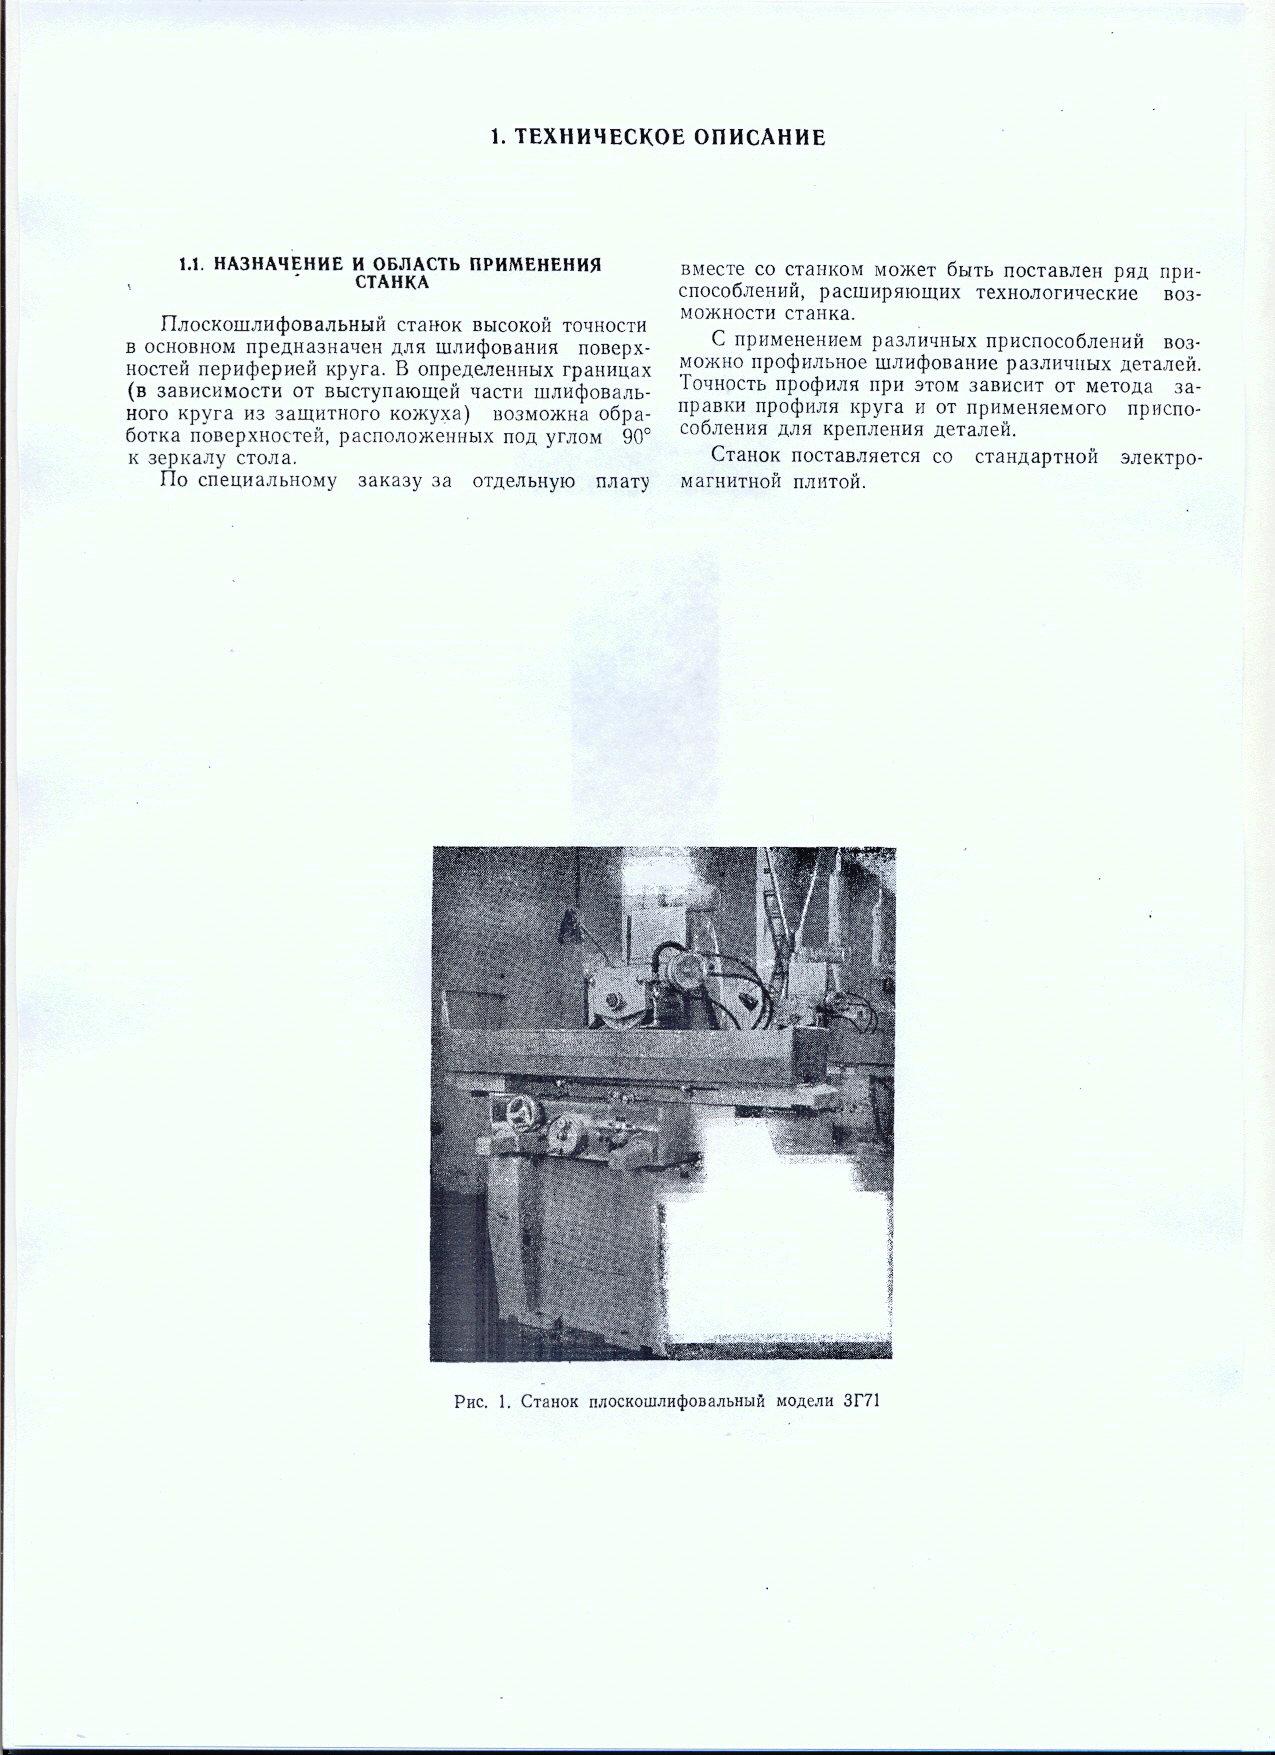 3е710в, 3е710в-1 станок плоскошлифовальный с горизонтальным шпинделем универсальный. паспорт, руководство, схемы, описание, характеристики